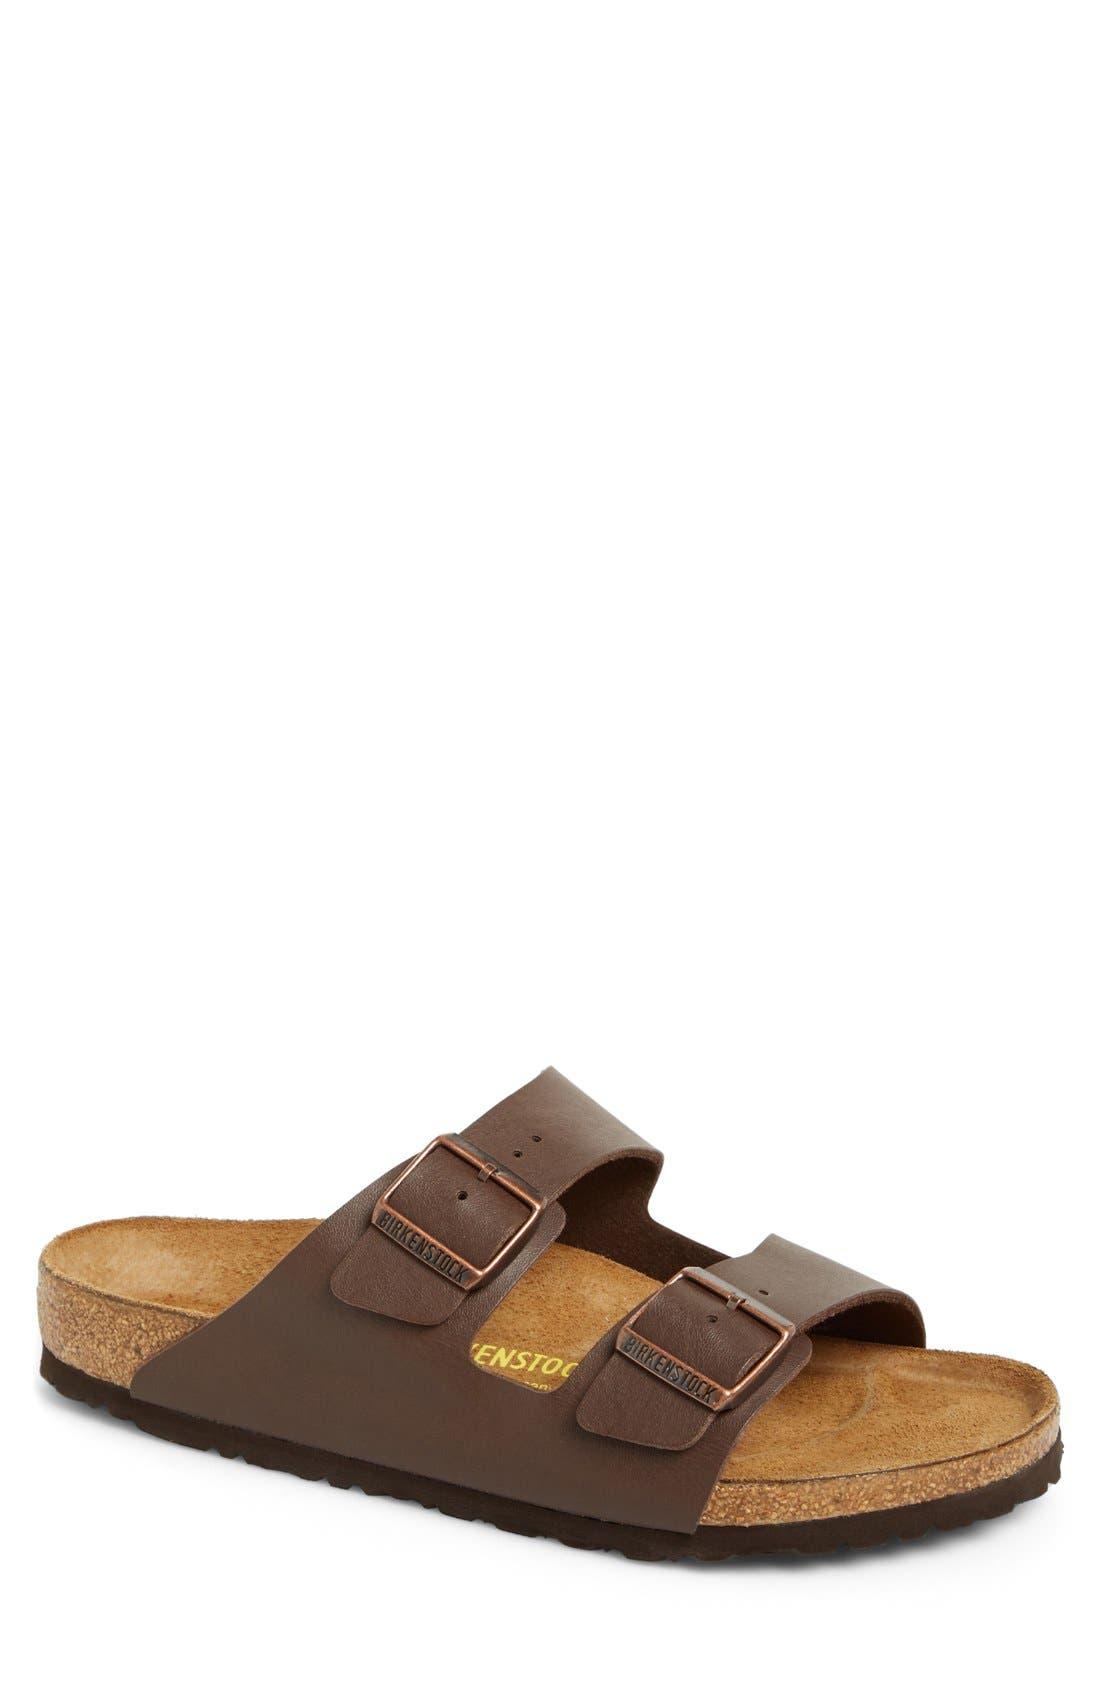 'Arizona' Slide Sandal,                         Main,                         color, Dark Brown